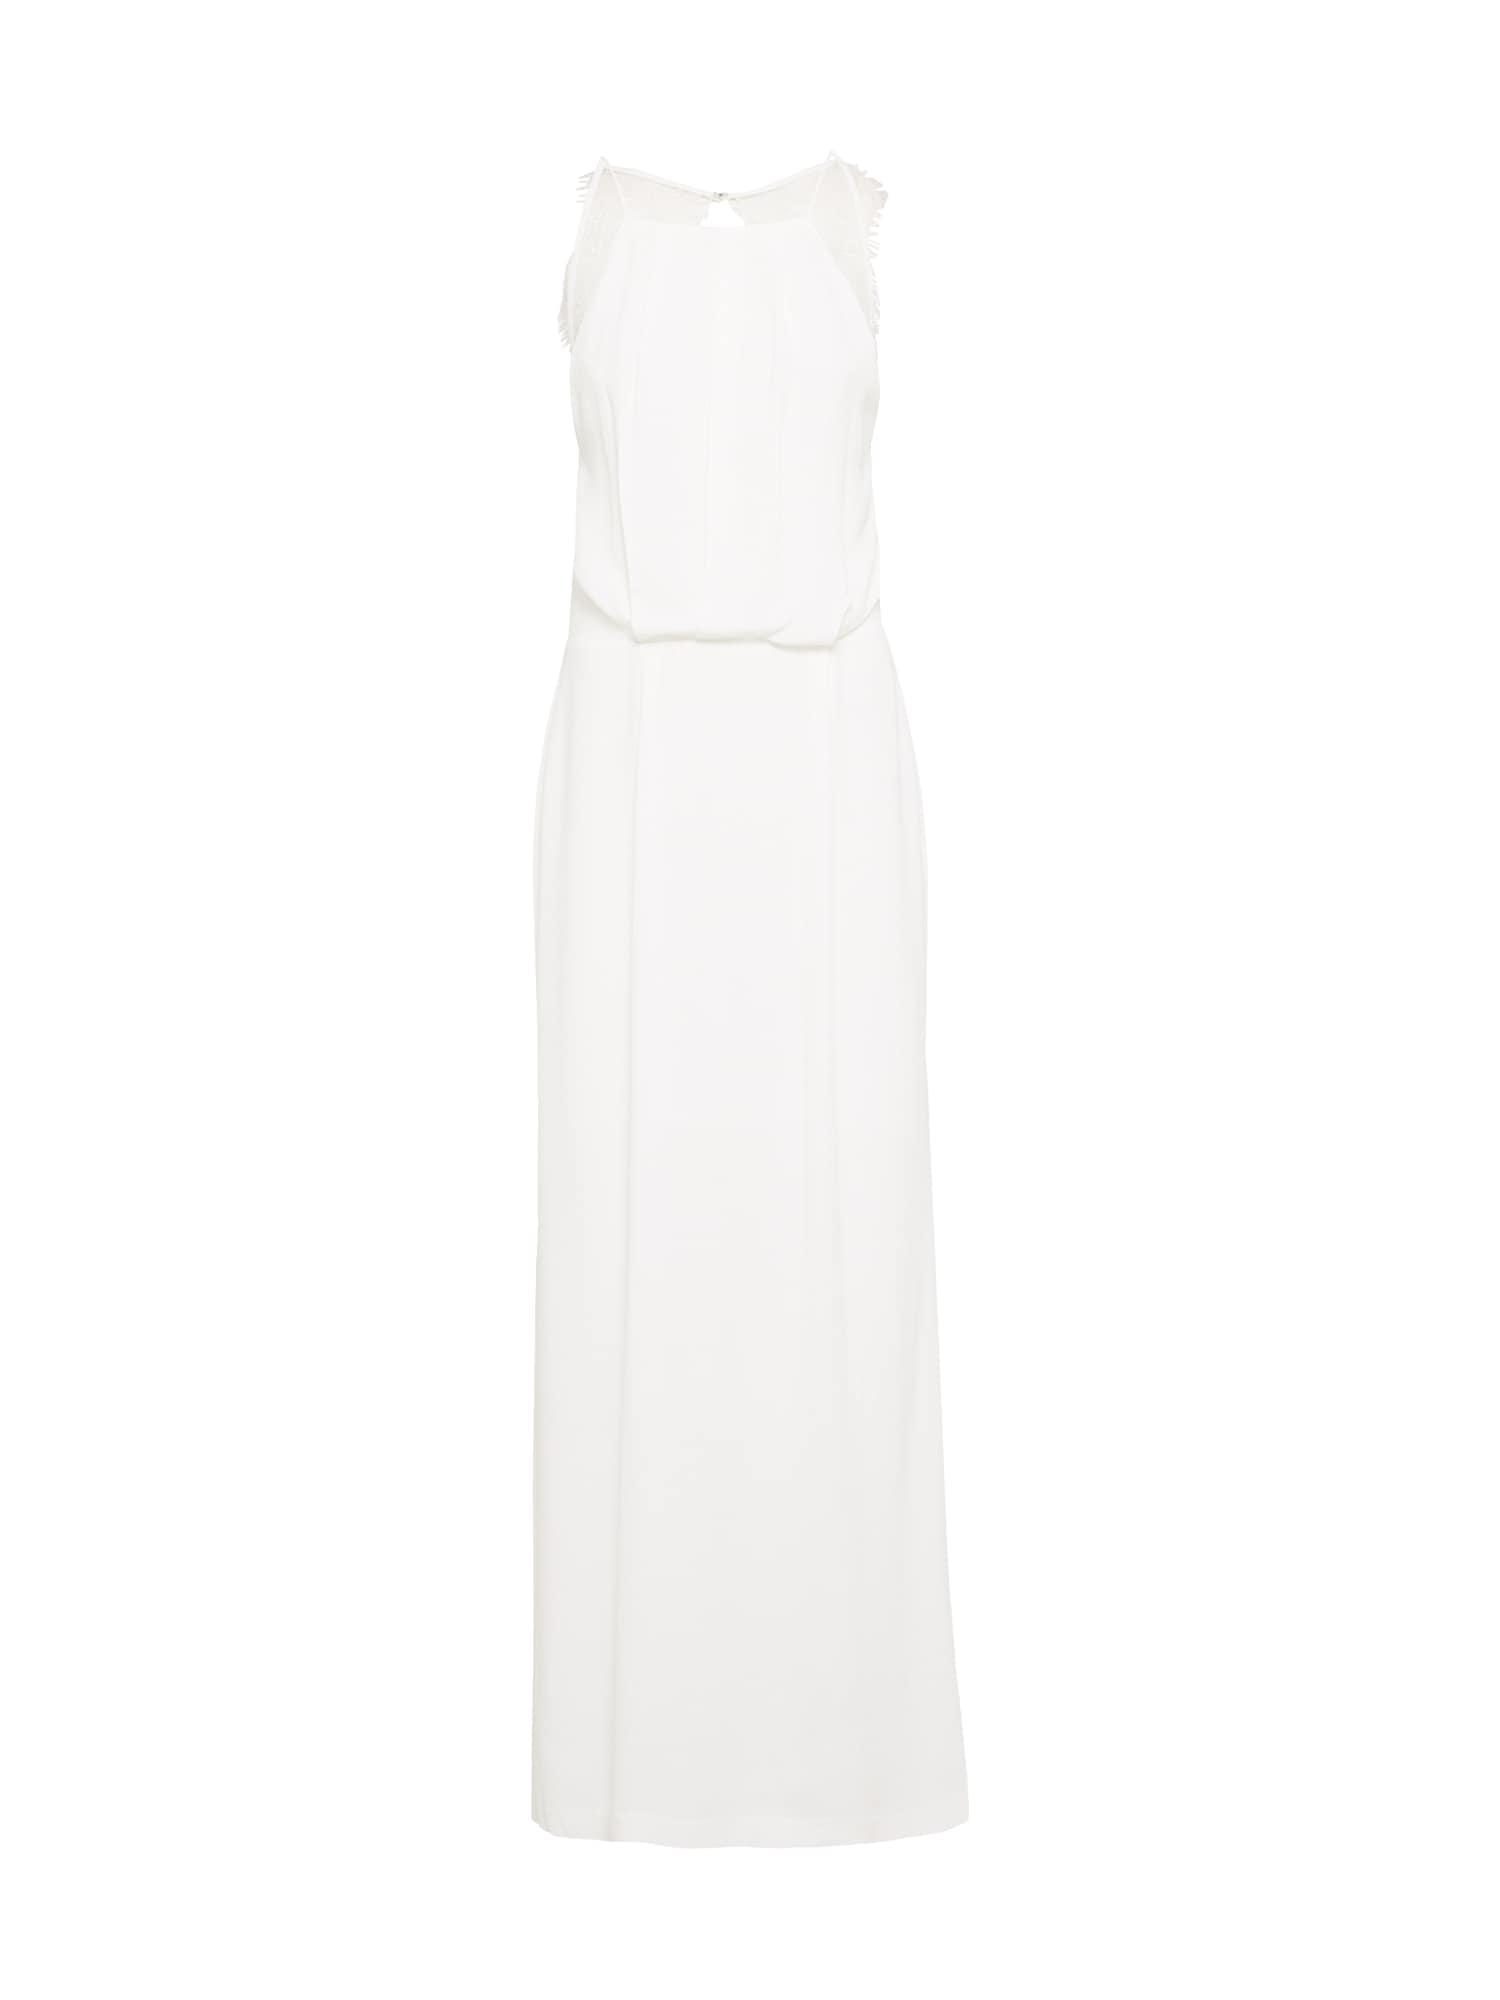 Společenské šaty Willow 5687 barva bílé vlny Samsoe & Samsoe